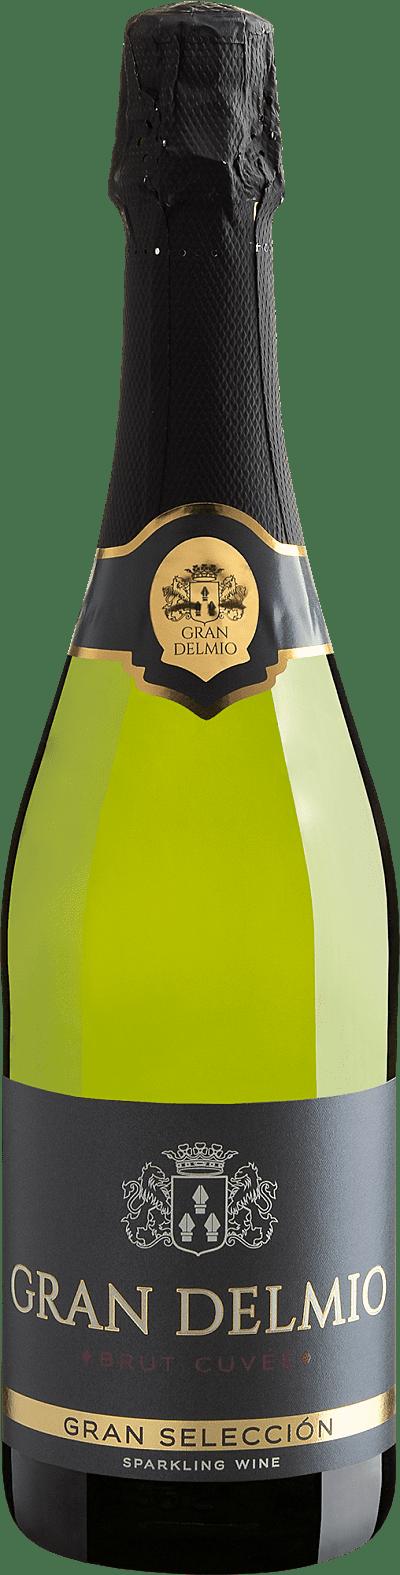 Vinho Espumante Branco - Gran Delmio Gran Selección Brut Cuvée - Espanha